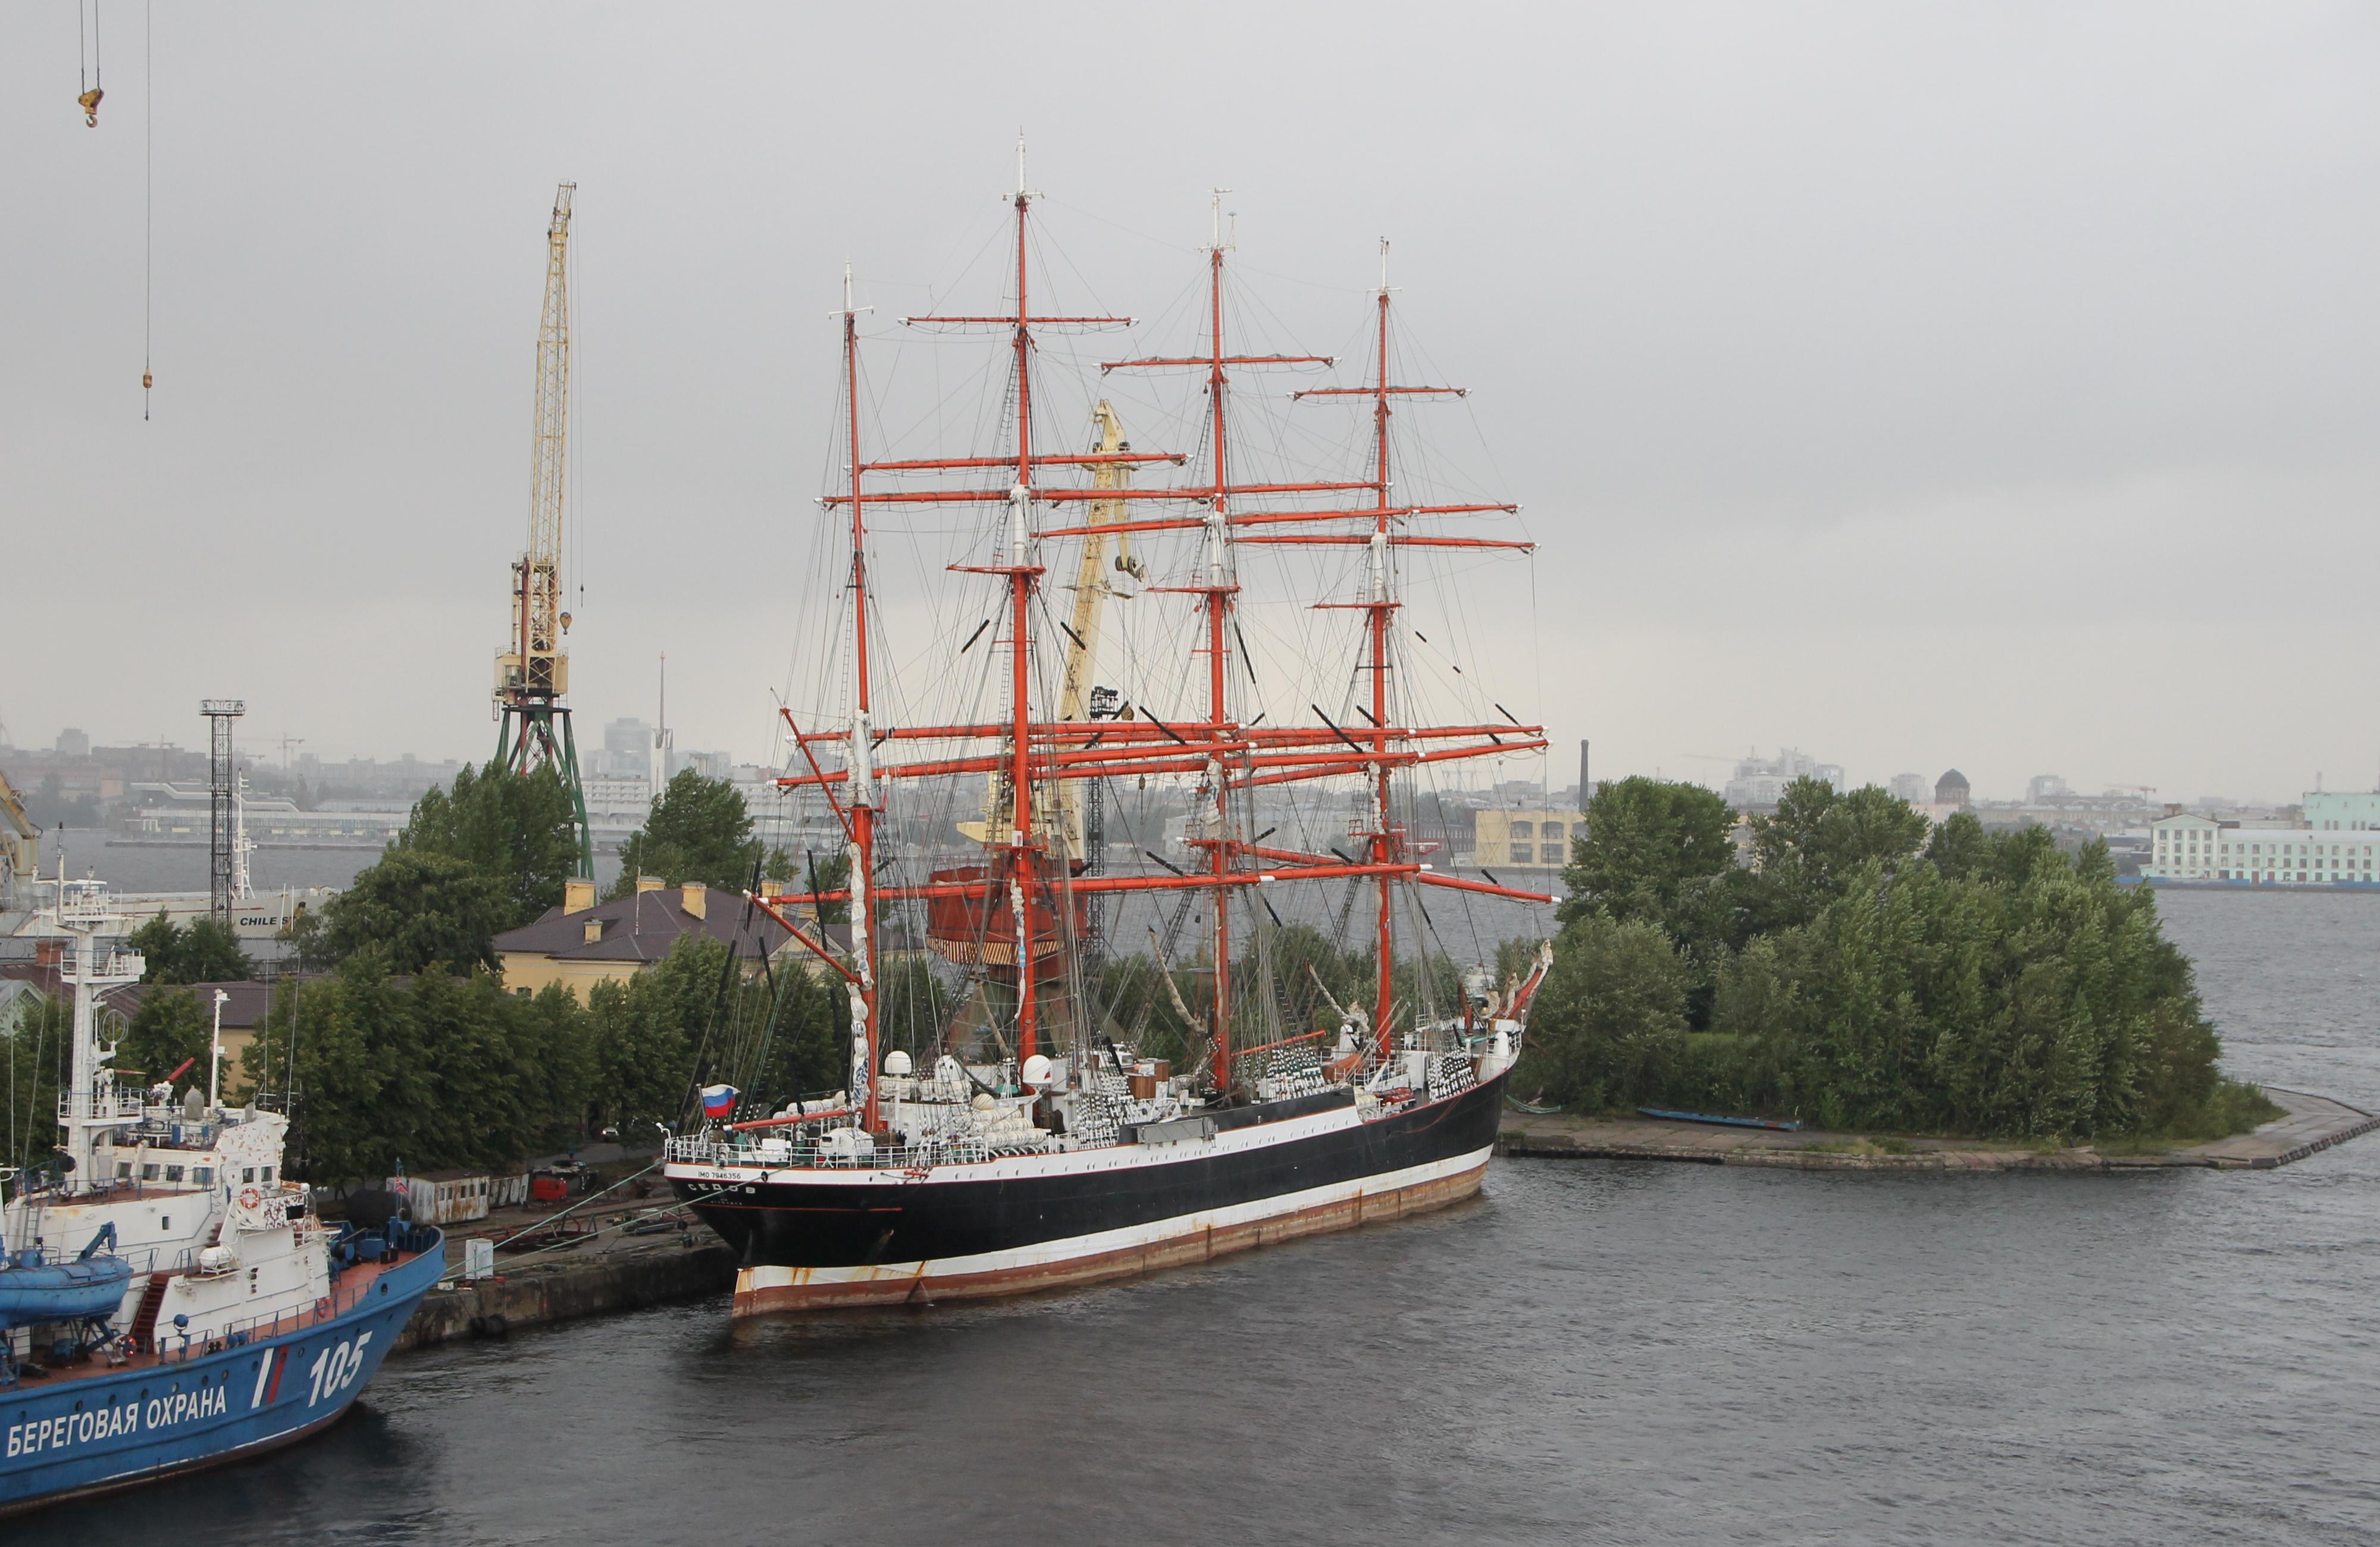 Главгосэкспертиза россии согласовала проект строительства перегрузочного комплекса в большом порту санкт-петербурга